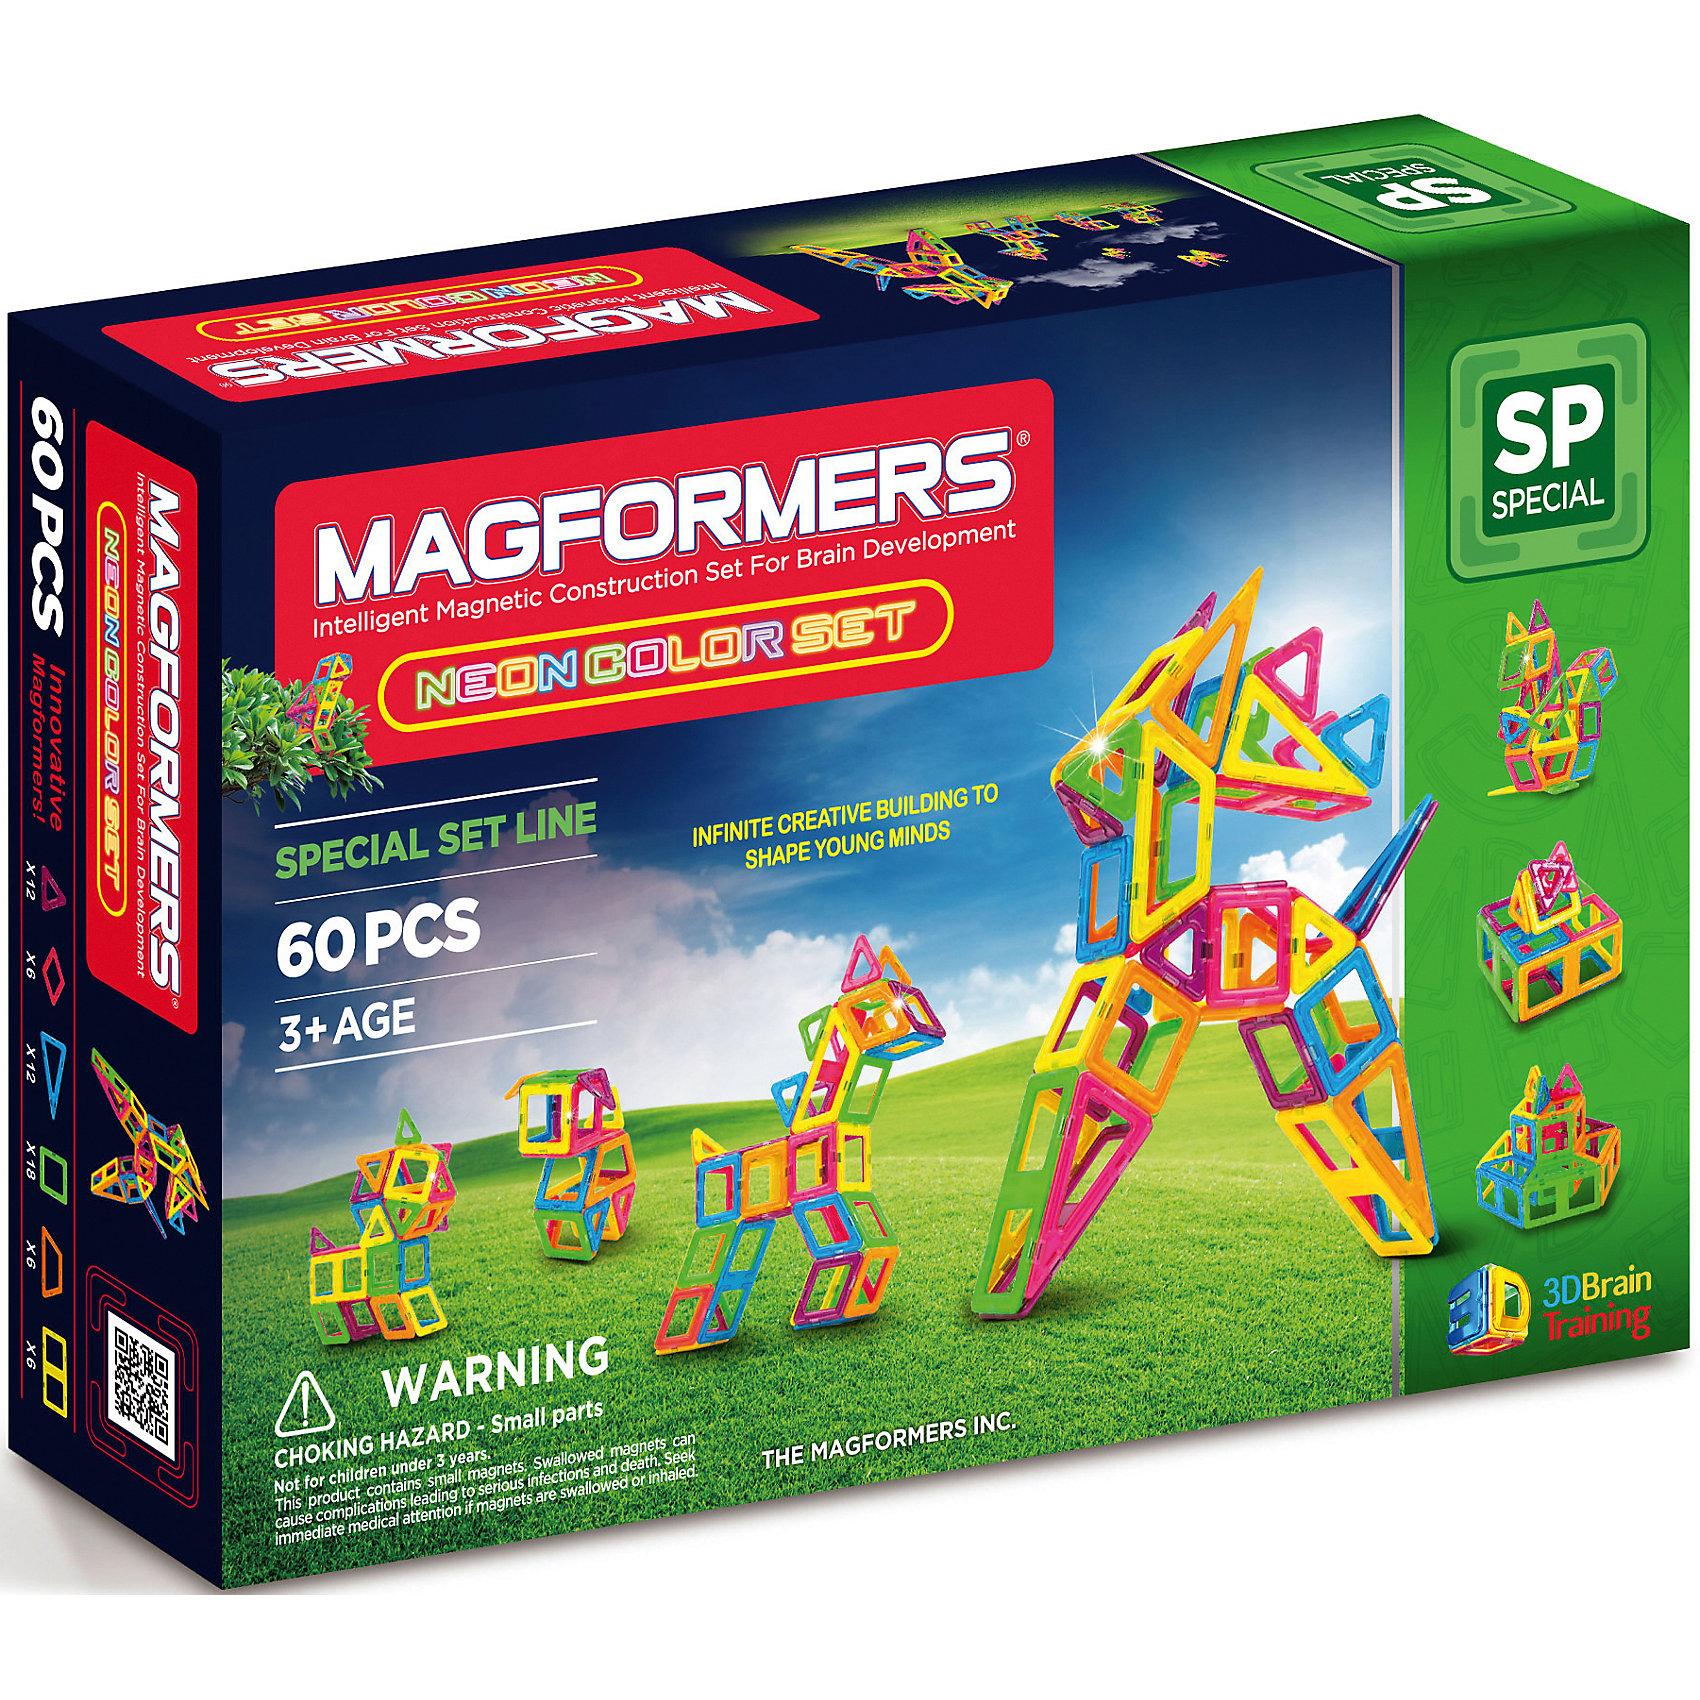 Магнитный конструктор Neon color set 60, MAGFORMERSМагнитные конструкторы<br>Яркий цвет нового примечательного конструктора от Magformers привлечет внимание любого малыша! <br>Пластиковые элементы в количестве 60 штук могут использоваться совместно с деталями из аналогичного набора. Магформерс Неон Колор Сет 60 особенный и запоминающийся. <br>Он станет игрушкой номер один в коллекции вашего ребенка. <br><br>Дополнительная информация:<br><br>- Количество деталей: 60 шт. <br>- 12 треугольников; <br>- 18 квадратов; <br>- 6 ромбов; <br>- 6 трапеций; <br>- 6 прямоугольников; <br>- 12 равнобедренных треугольников. <br>- Возраст: от 3 лет <br>- Материал: высококачественный пластик <br>- Размер упаковки: 40х30х10 см <br>- Вес в упаковке: 0.91 кг <br><br>Купить магнитный конструктор Neon color set 60 MAGFORMERS   можно в нашем магазине.<br><br>Ширина мм: 390<br>Глубина мм: 260<br>Высота мм: 85<br>Вес г: 1250<br>Возраст от месяцев: 36<br>Возраст до месяцев: 192<br>Пол: Унисекс<br>Возраст: Детский<br>SKU: 4730847